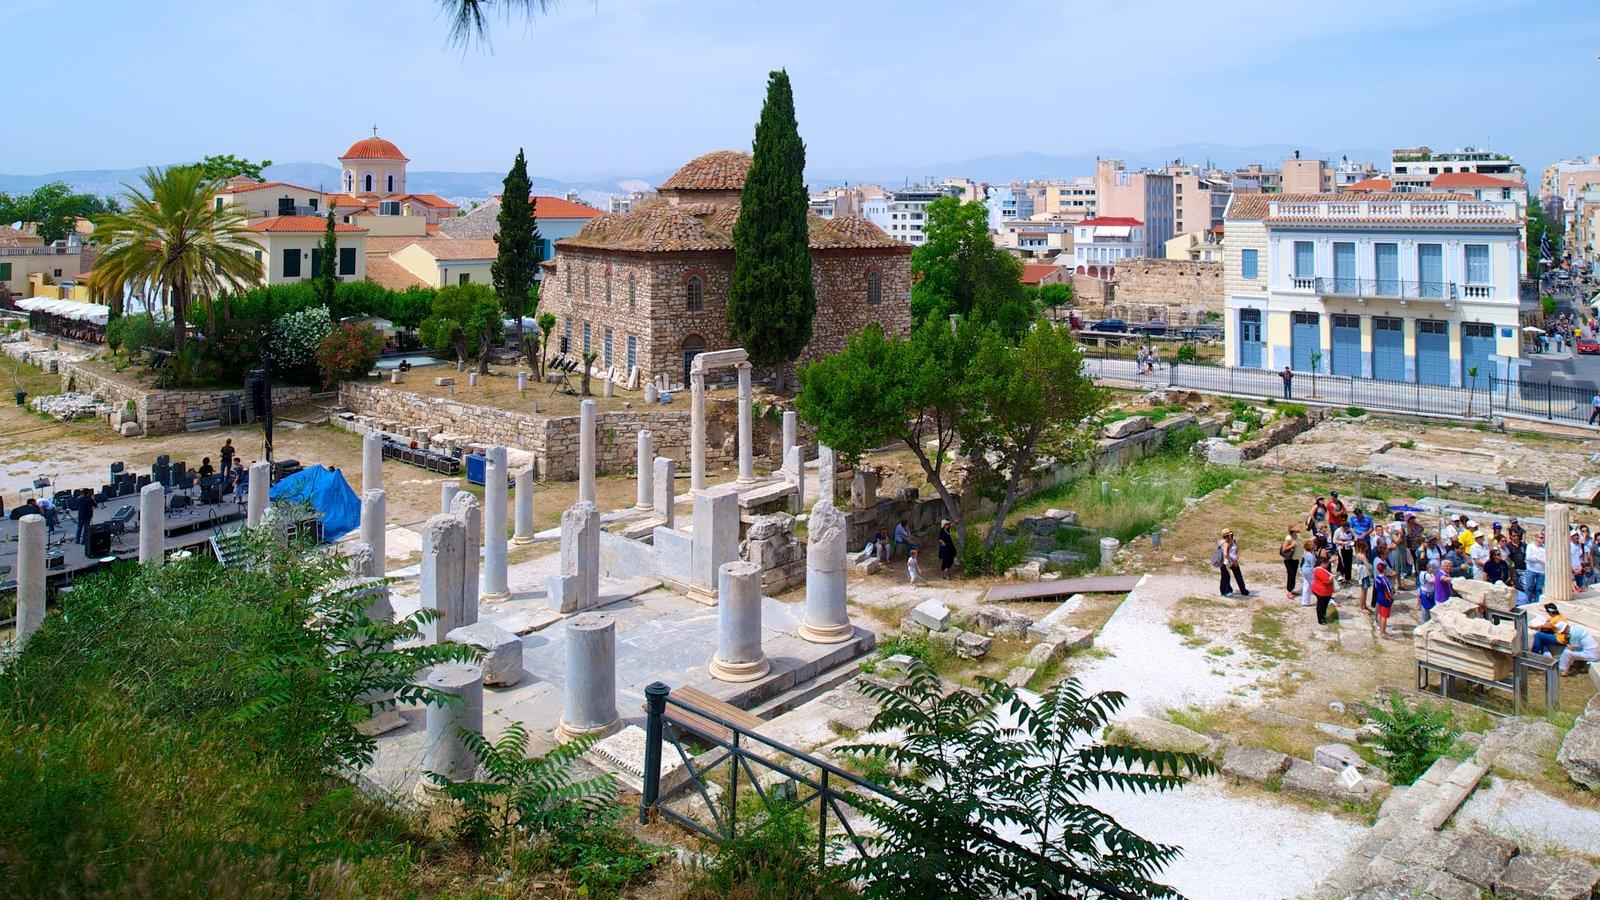 Ágora Romana que inclui elementos de patrimônio, uma ruína e uma cidade